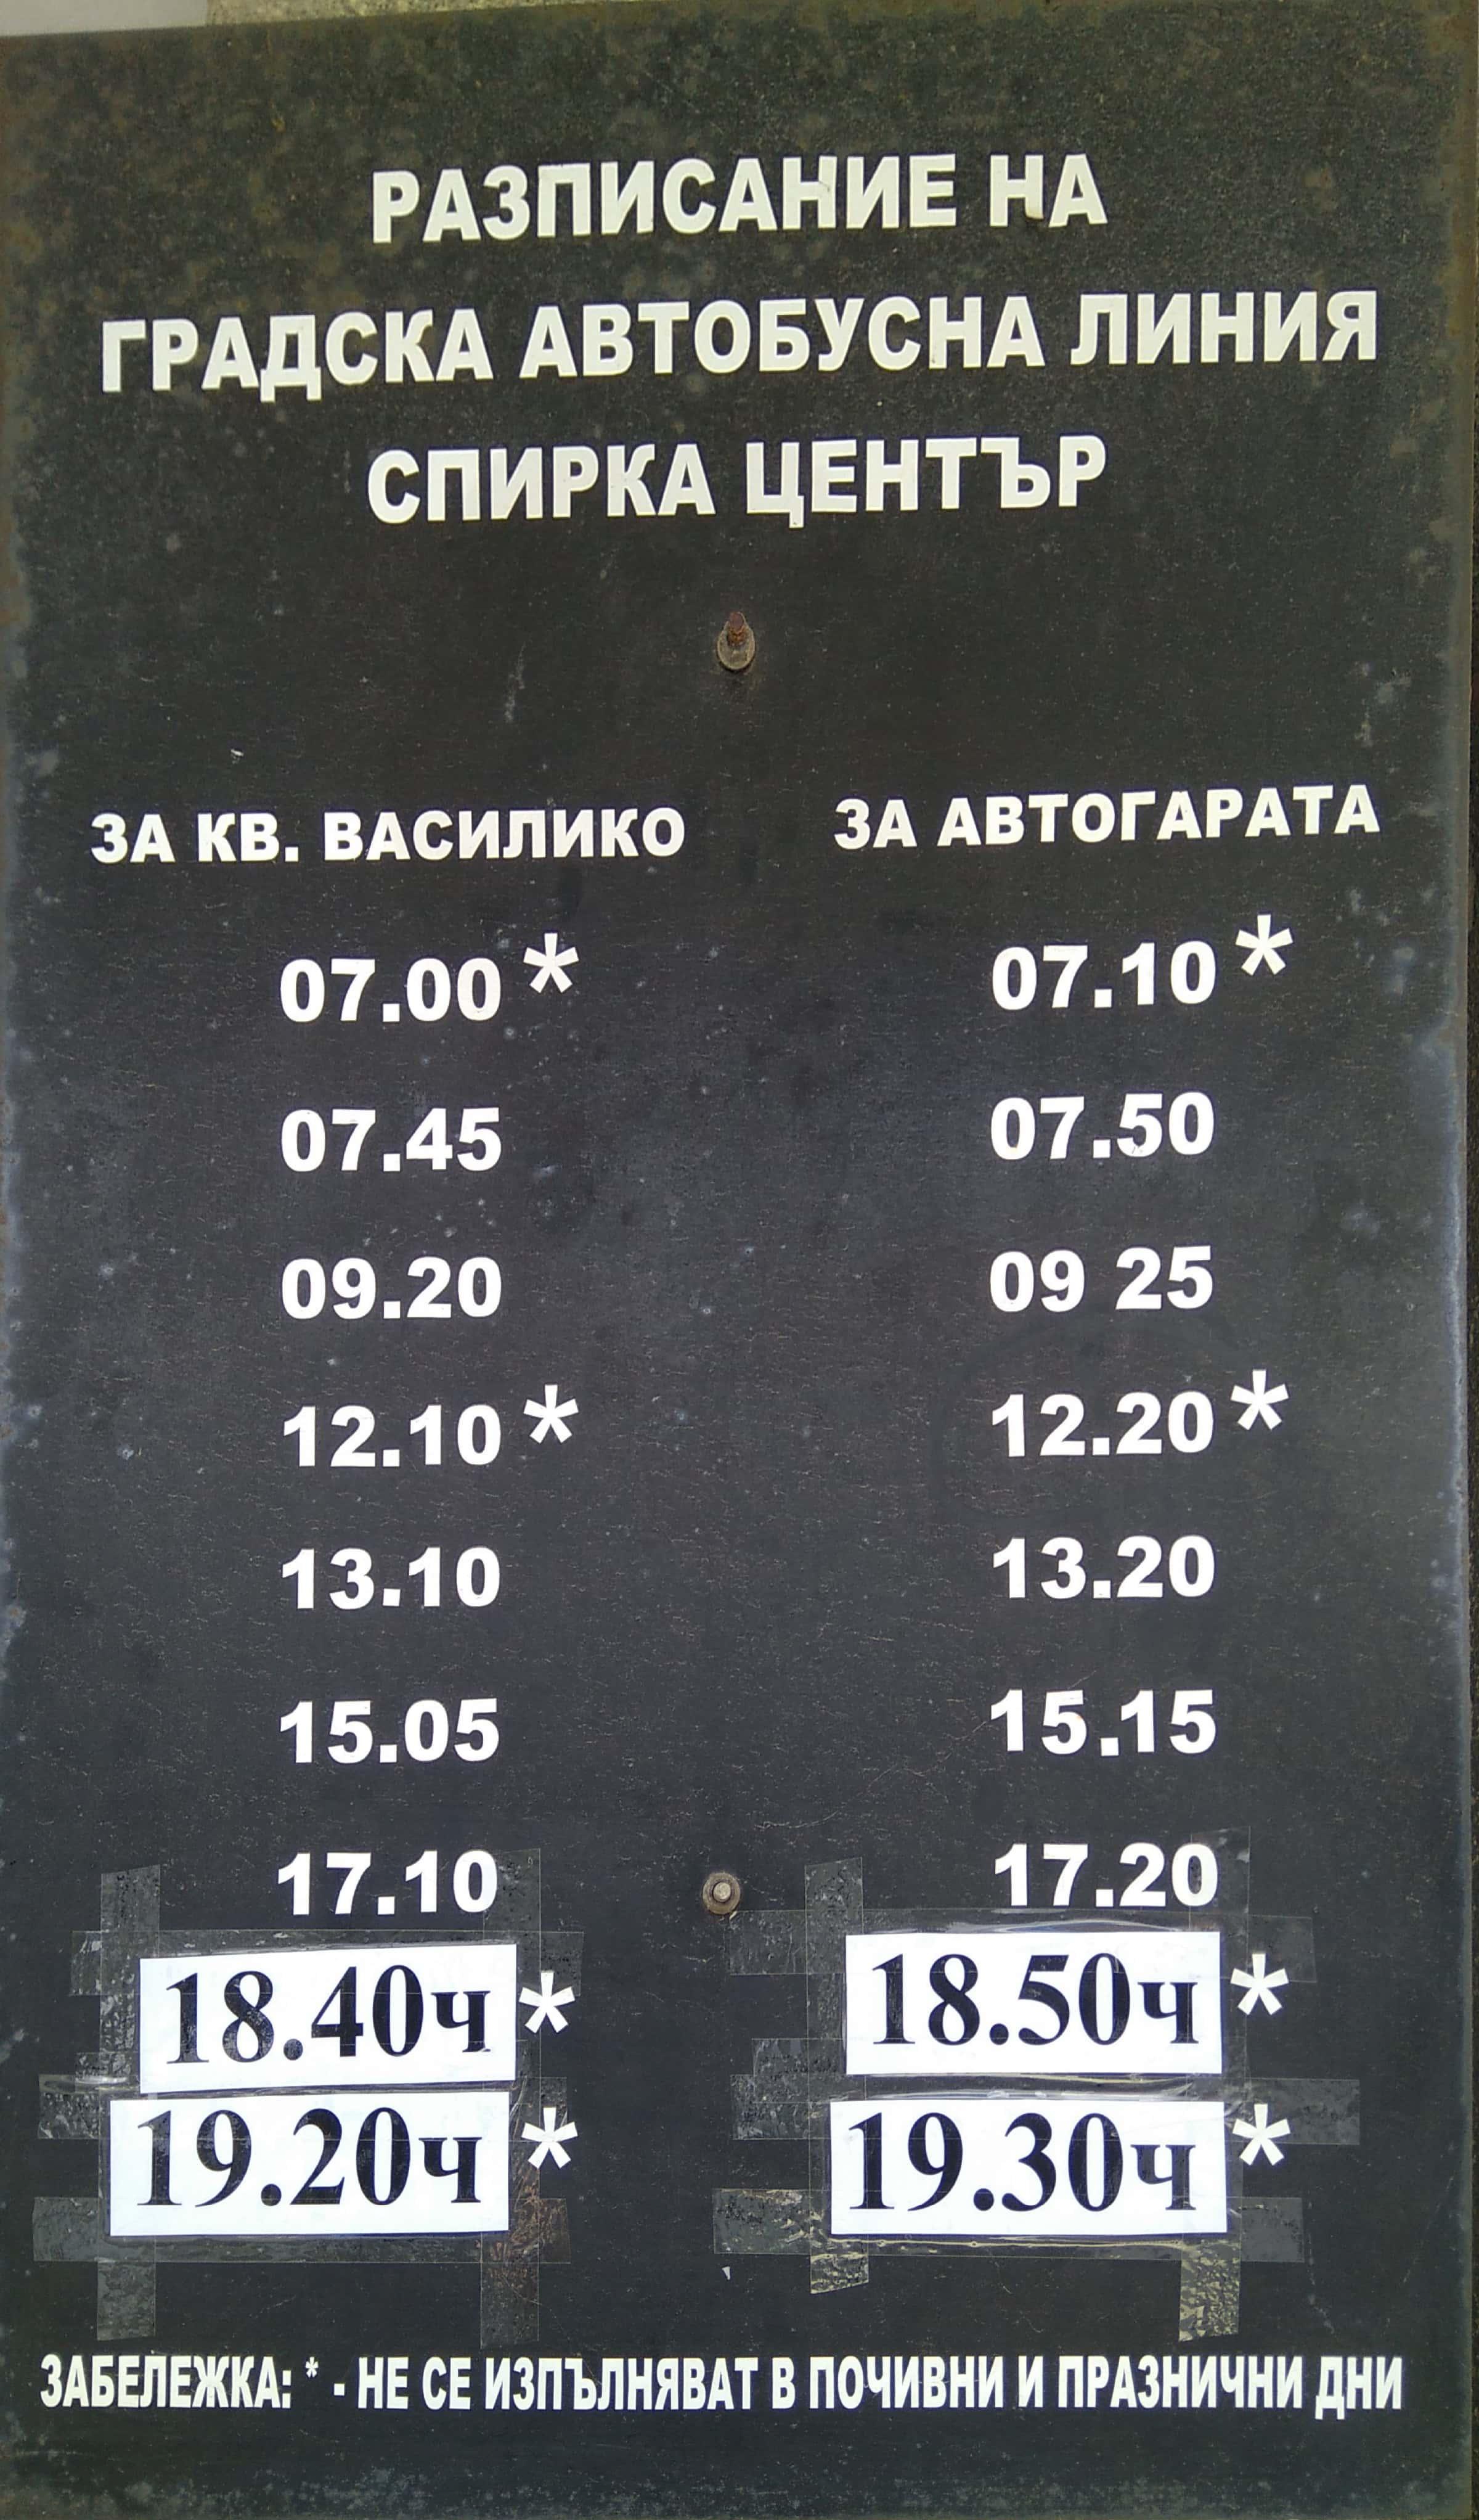 ентр - Царево - Василико